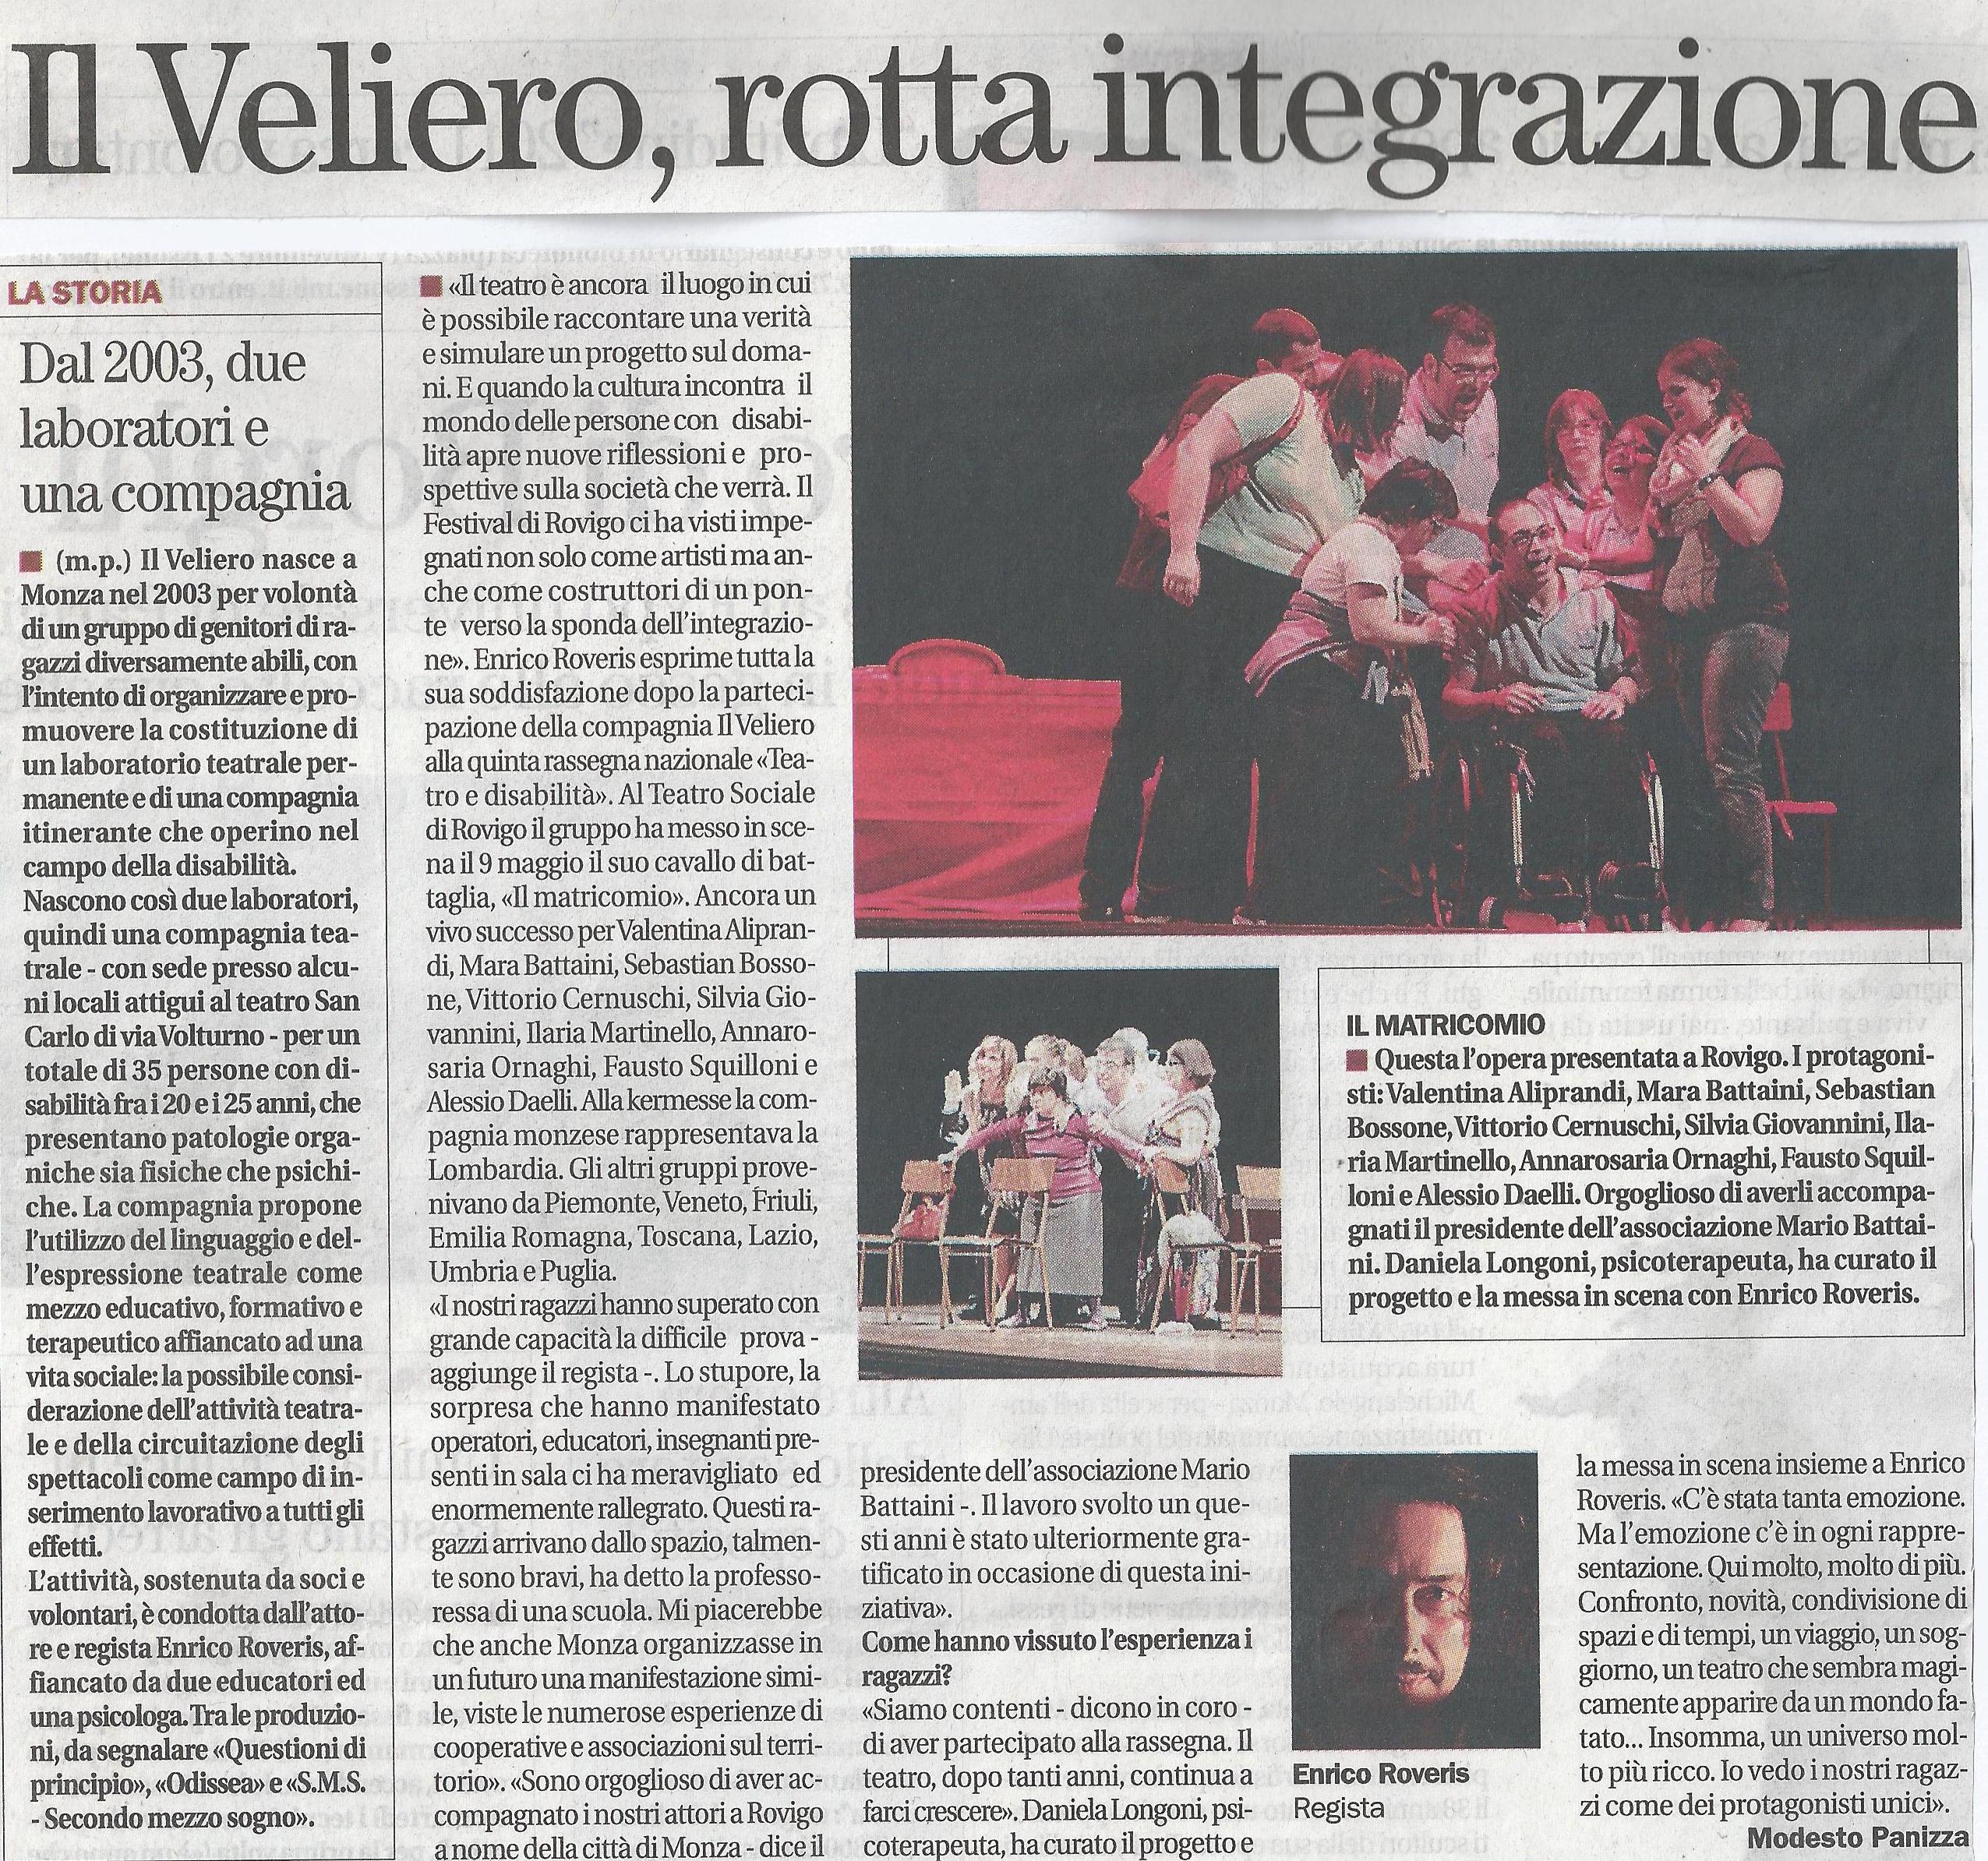 2011 05 - 12 maggio - Il Cittadino - Il Veliero, rotta integrazione